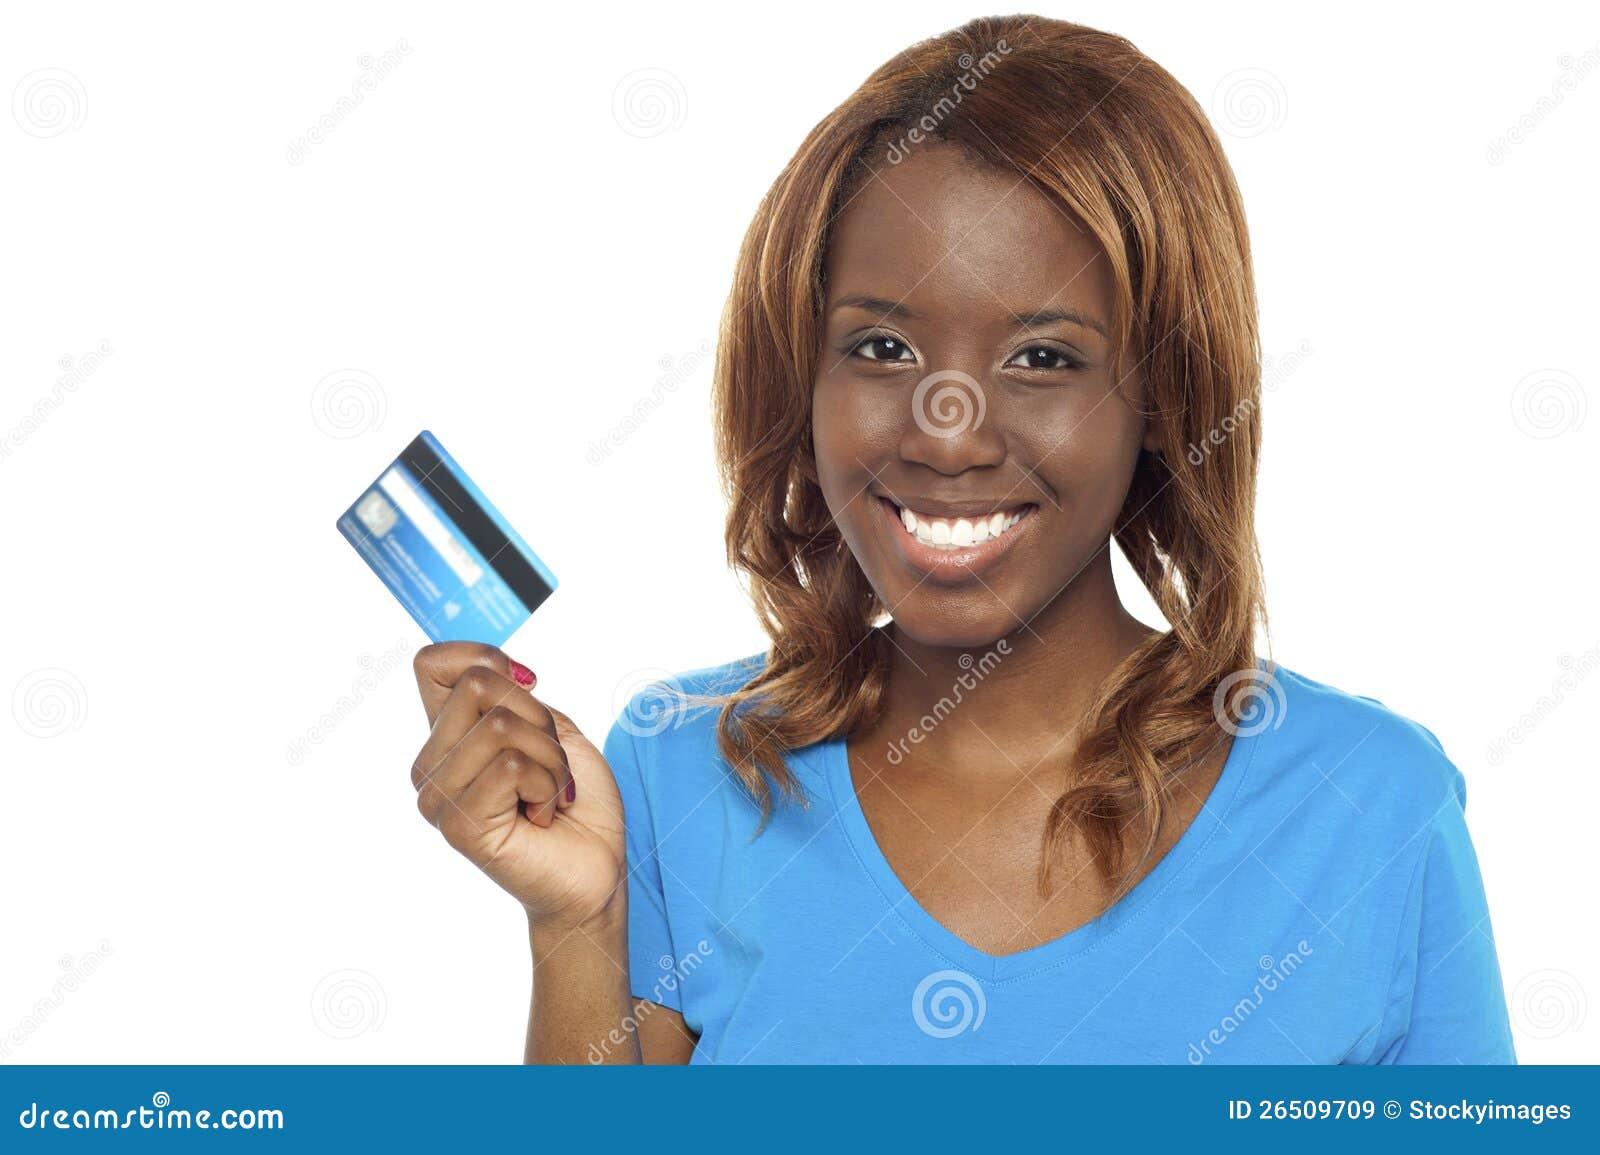 Deixa a loja e trocam o cartão de crédito